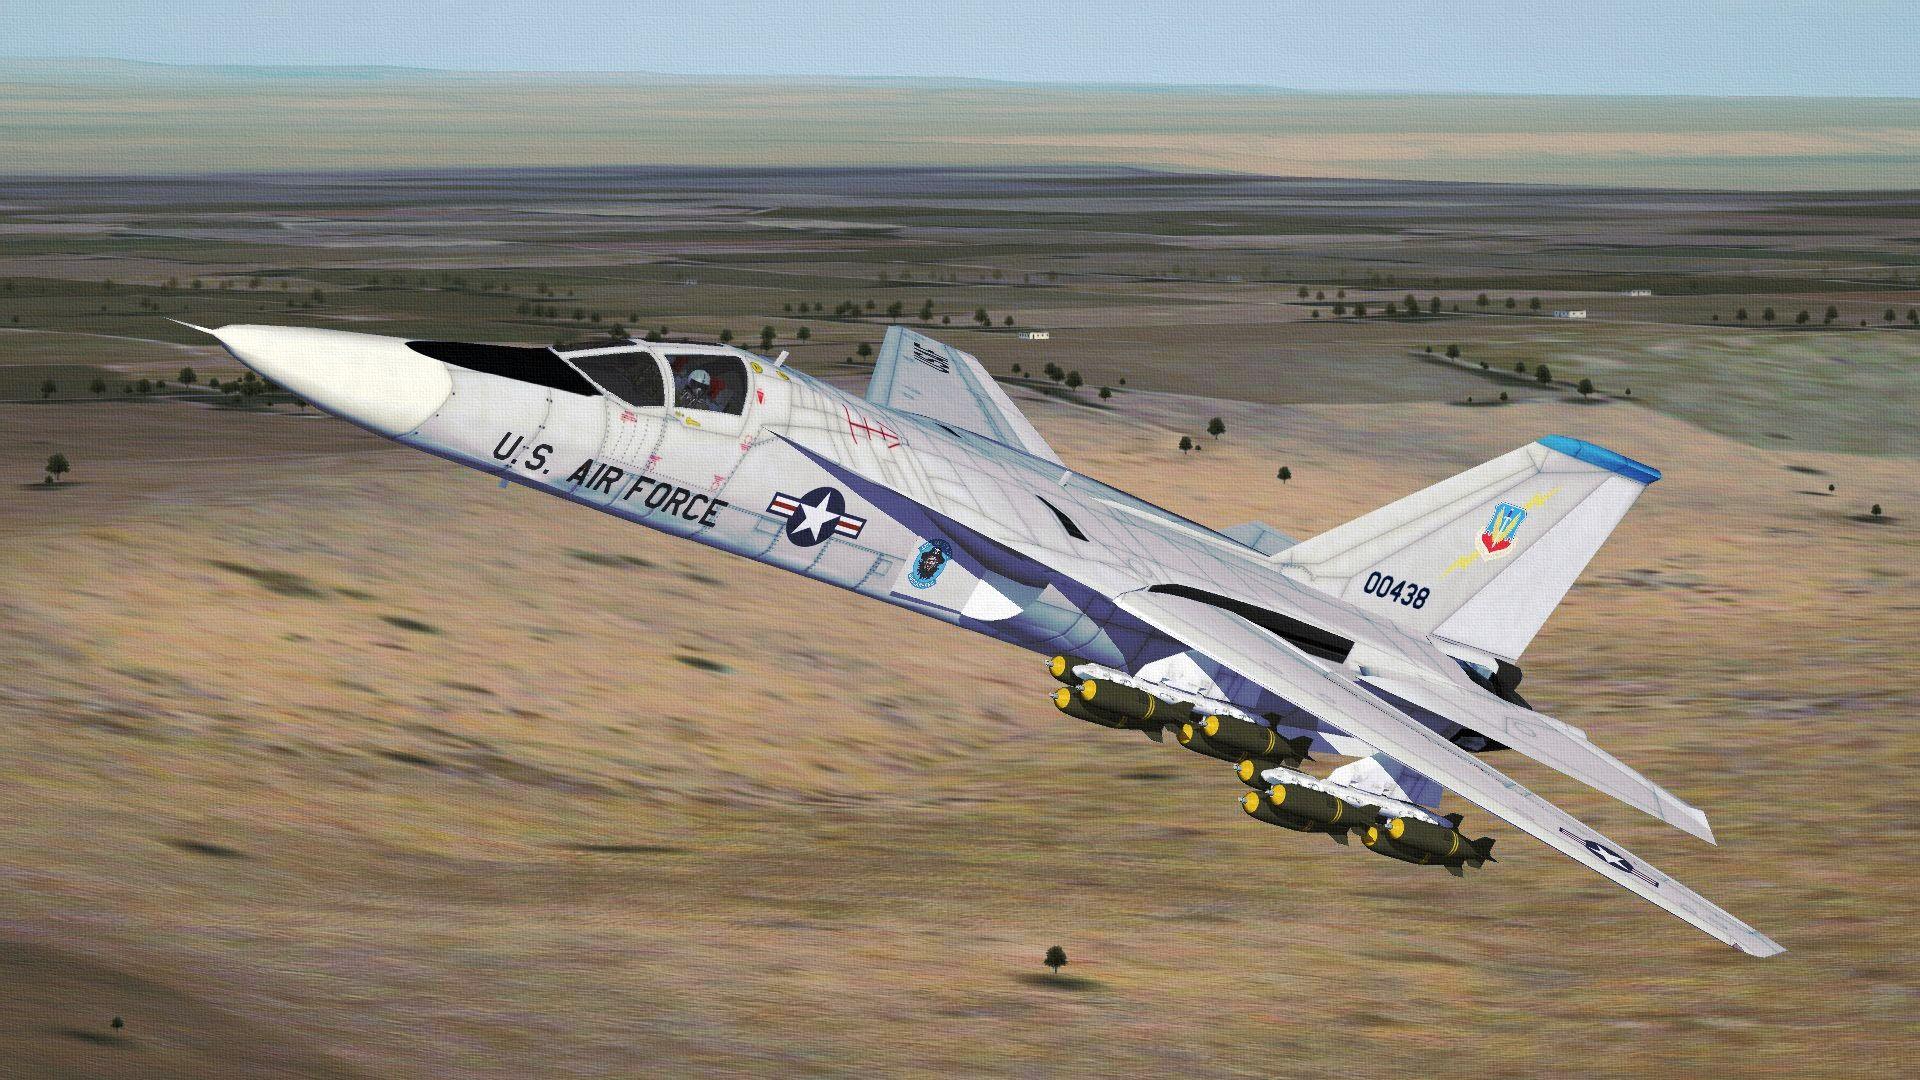 USAFF-111AAARDVARK09_zps429d5bc3.jpg